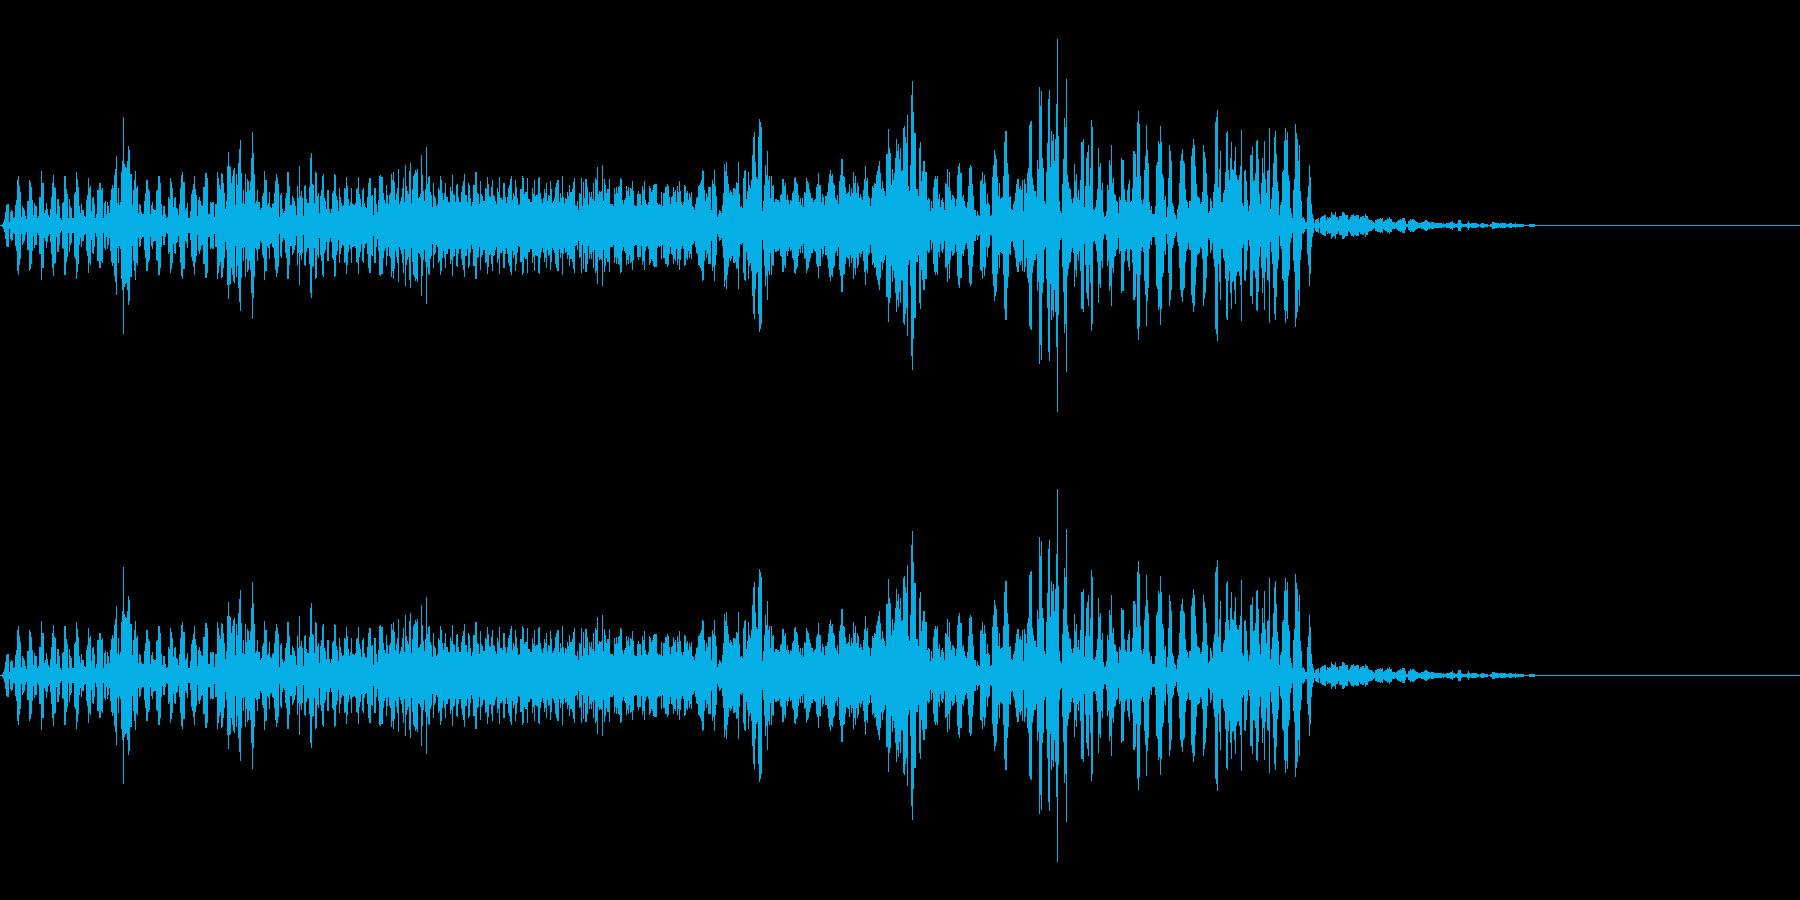 【SE 効果音】不気味な音の再生済みの波形